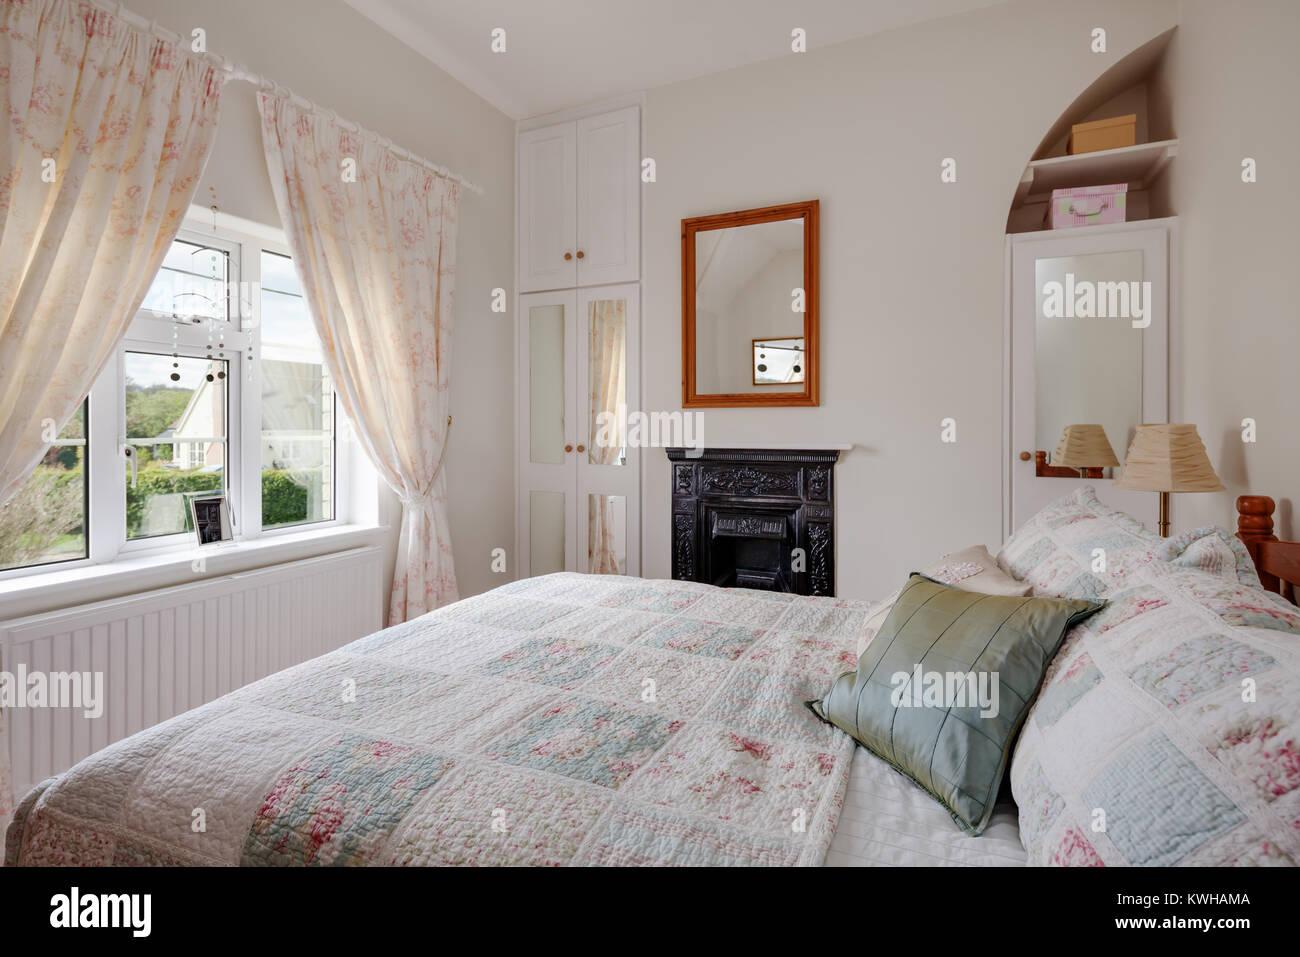 Piccolo cottage camera da letto con mobili antichi di ghisa camino